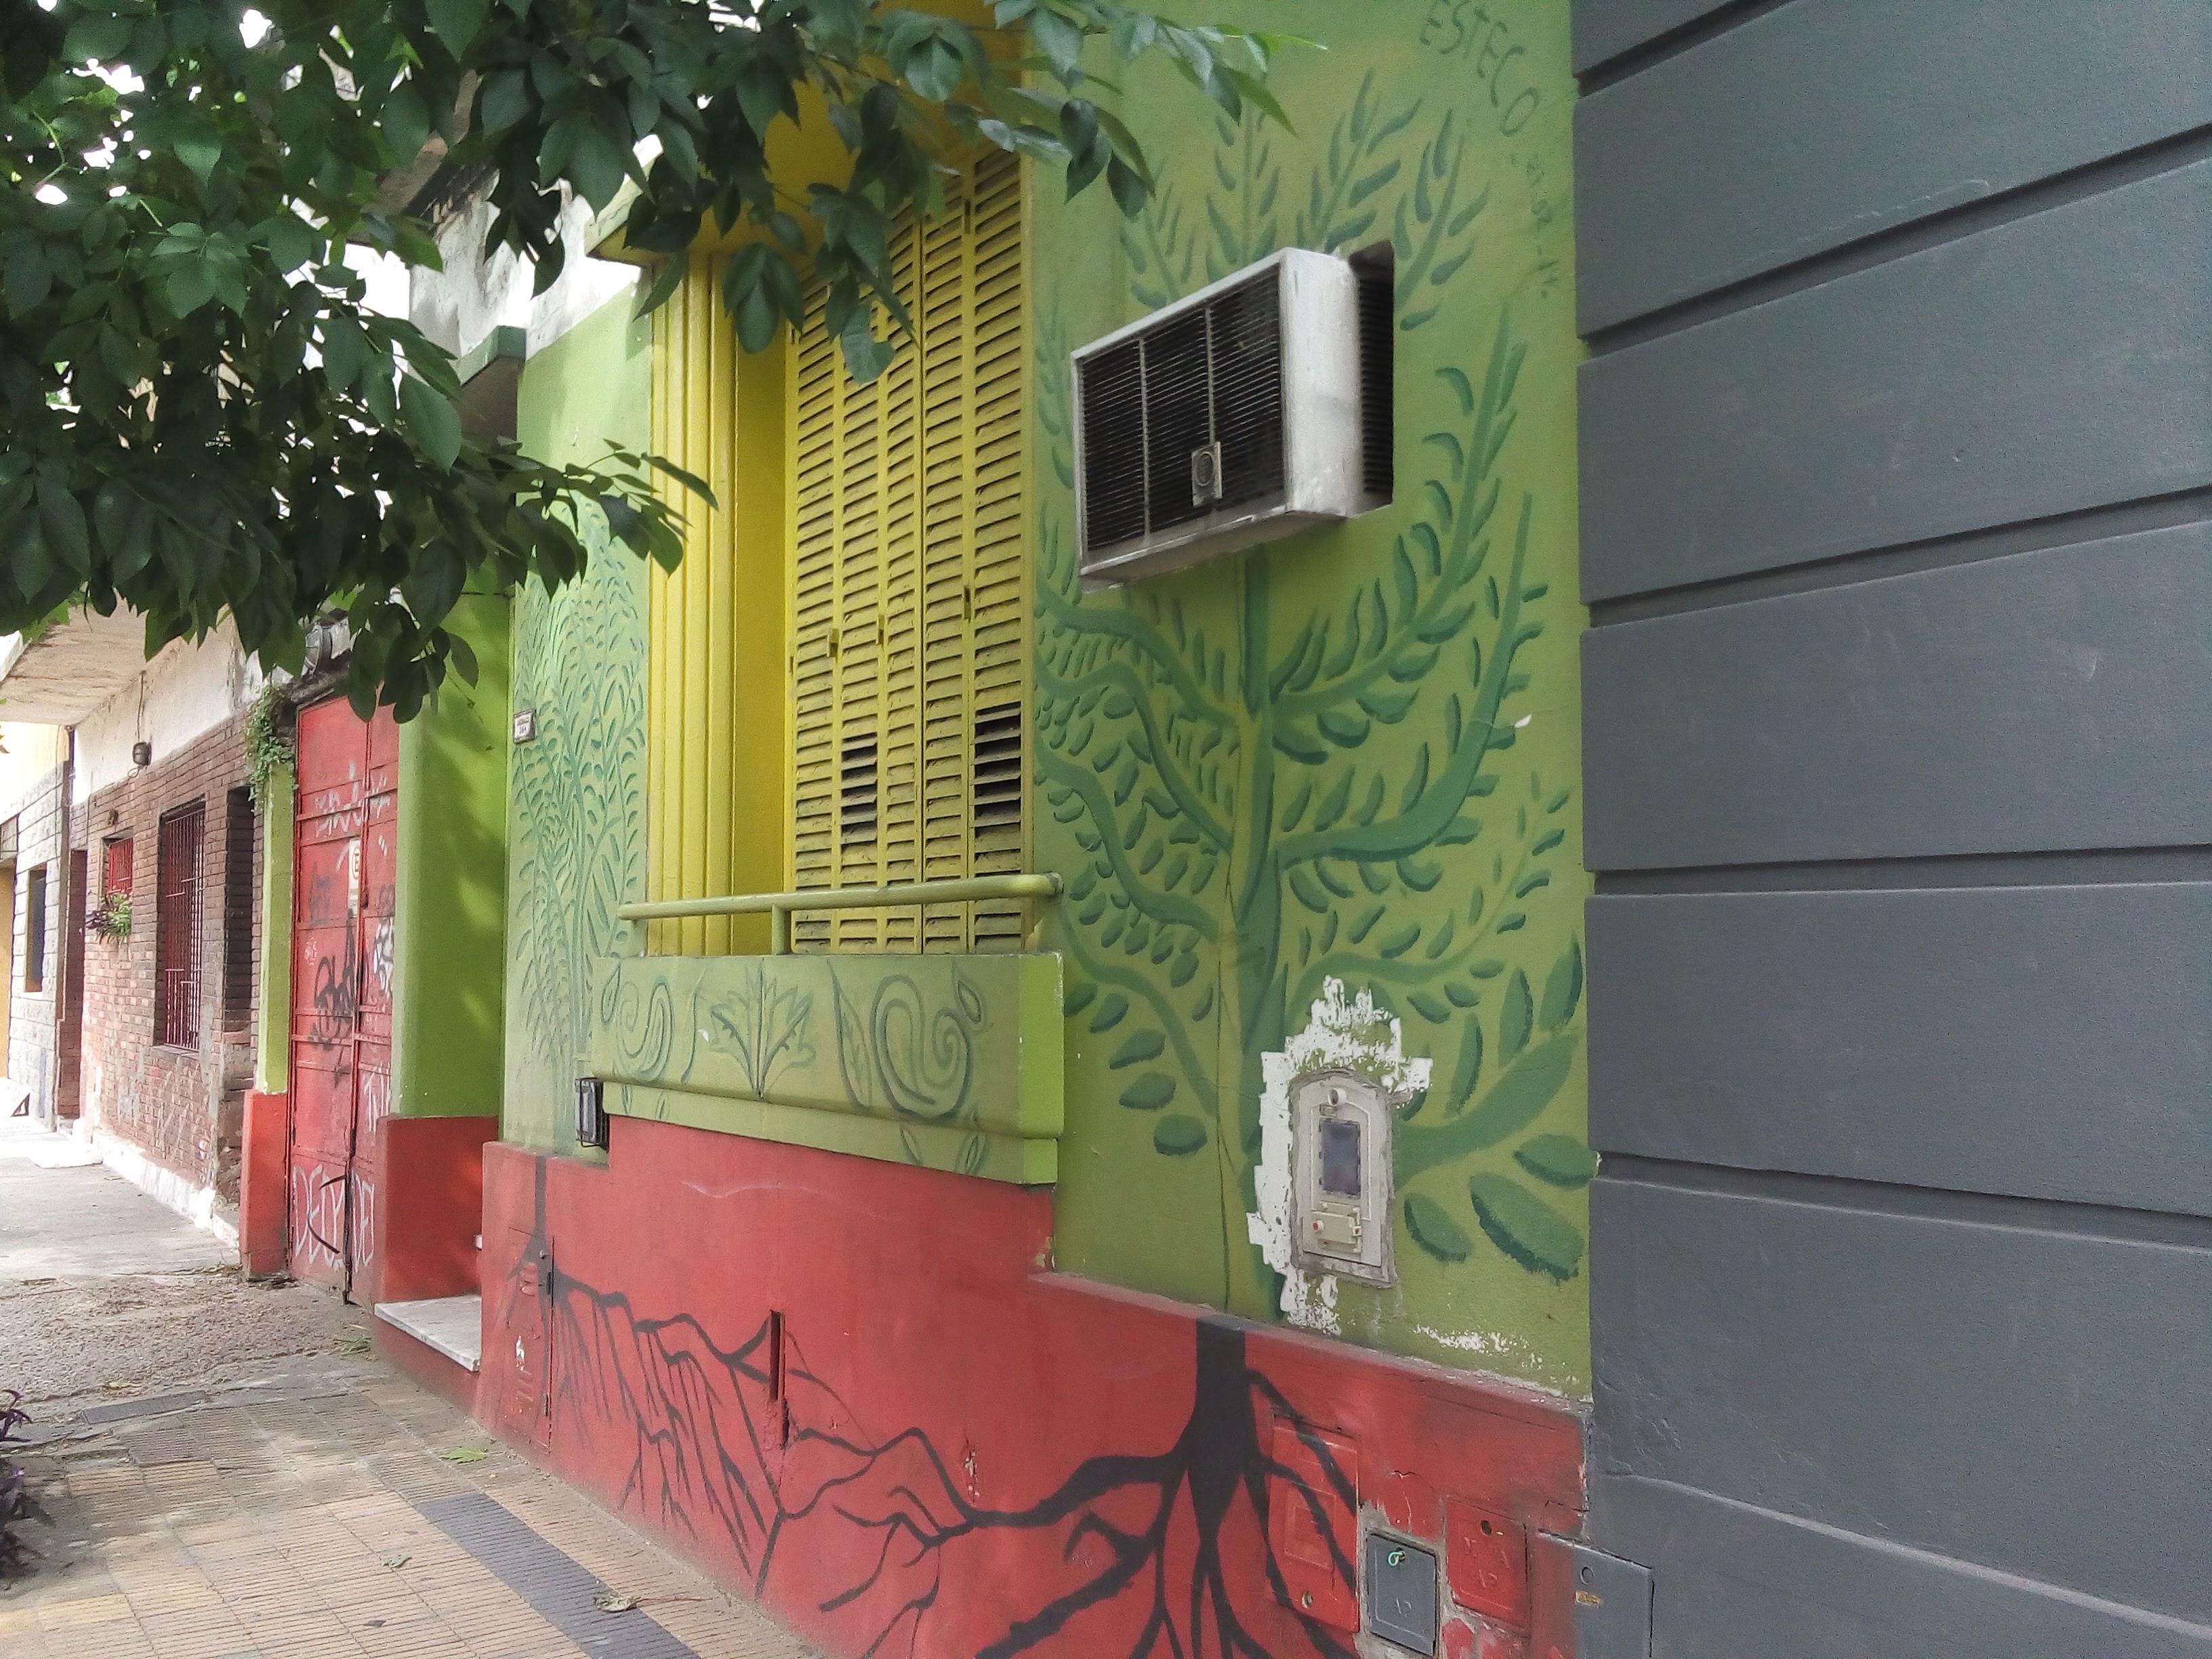 Imagen 1 Jorge Esteco - Mural en Gral. Arenales al 300